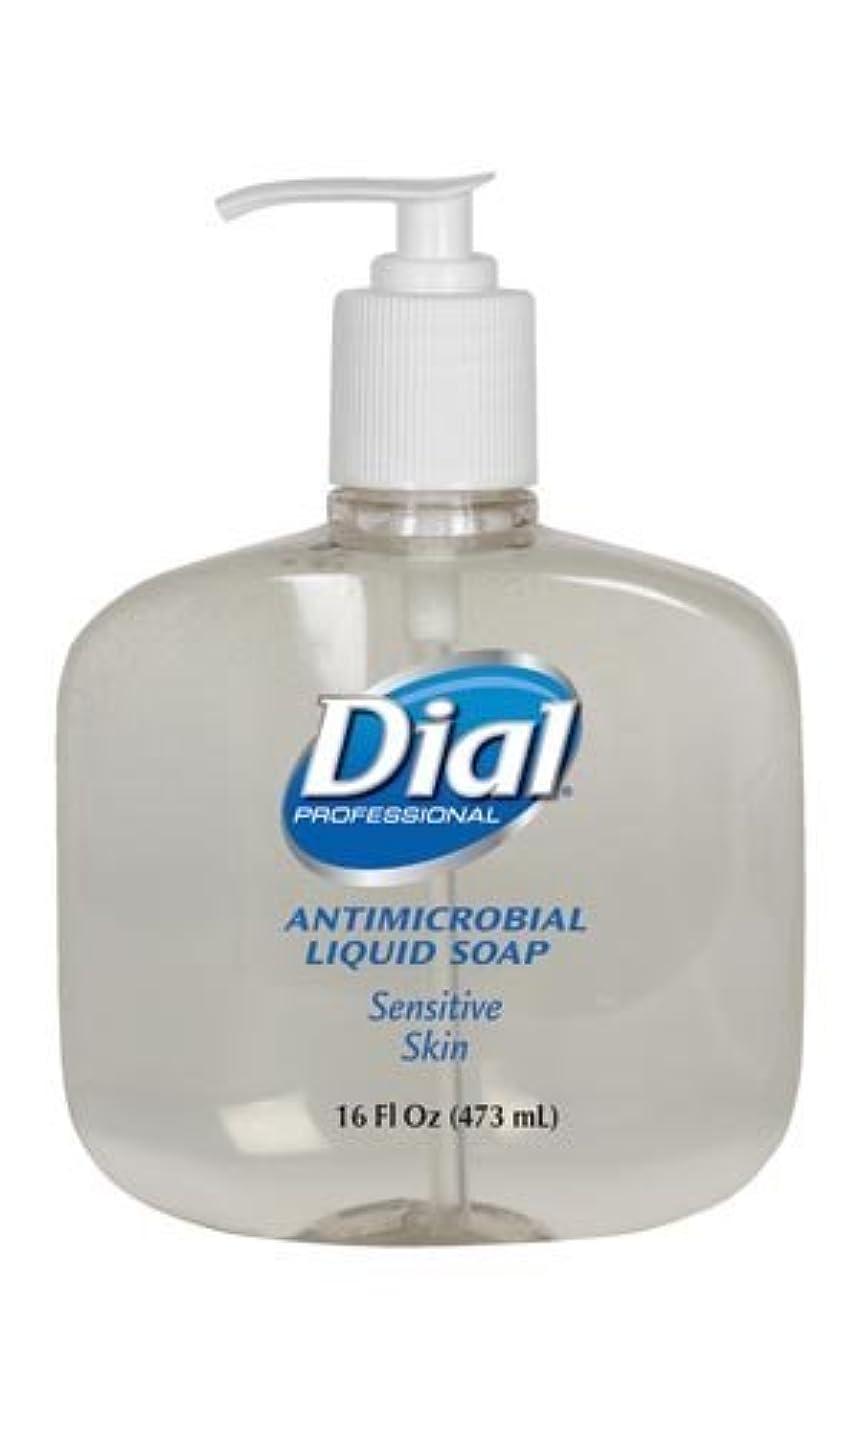 私のジョリーパラシュートダイヤルゴールドLiquid Soap液体石鹸、ポンプ、16オンス、12 / CS ( 2340080784 )